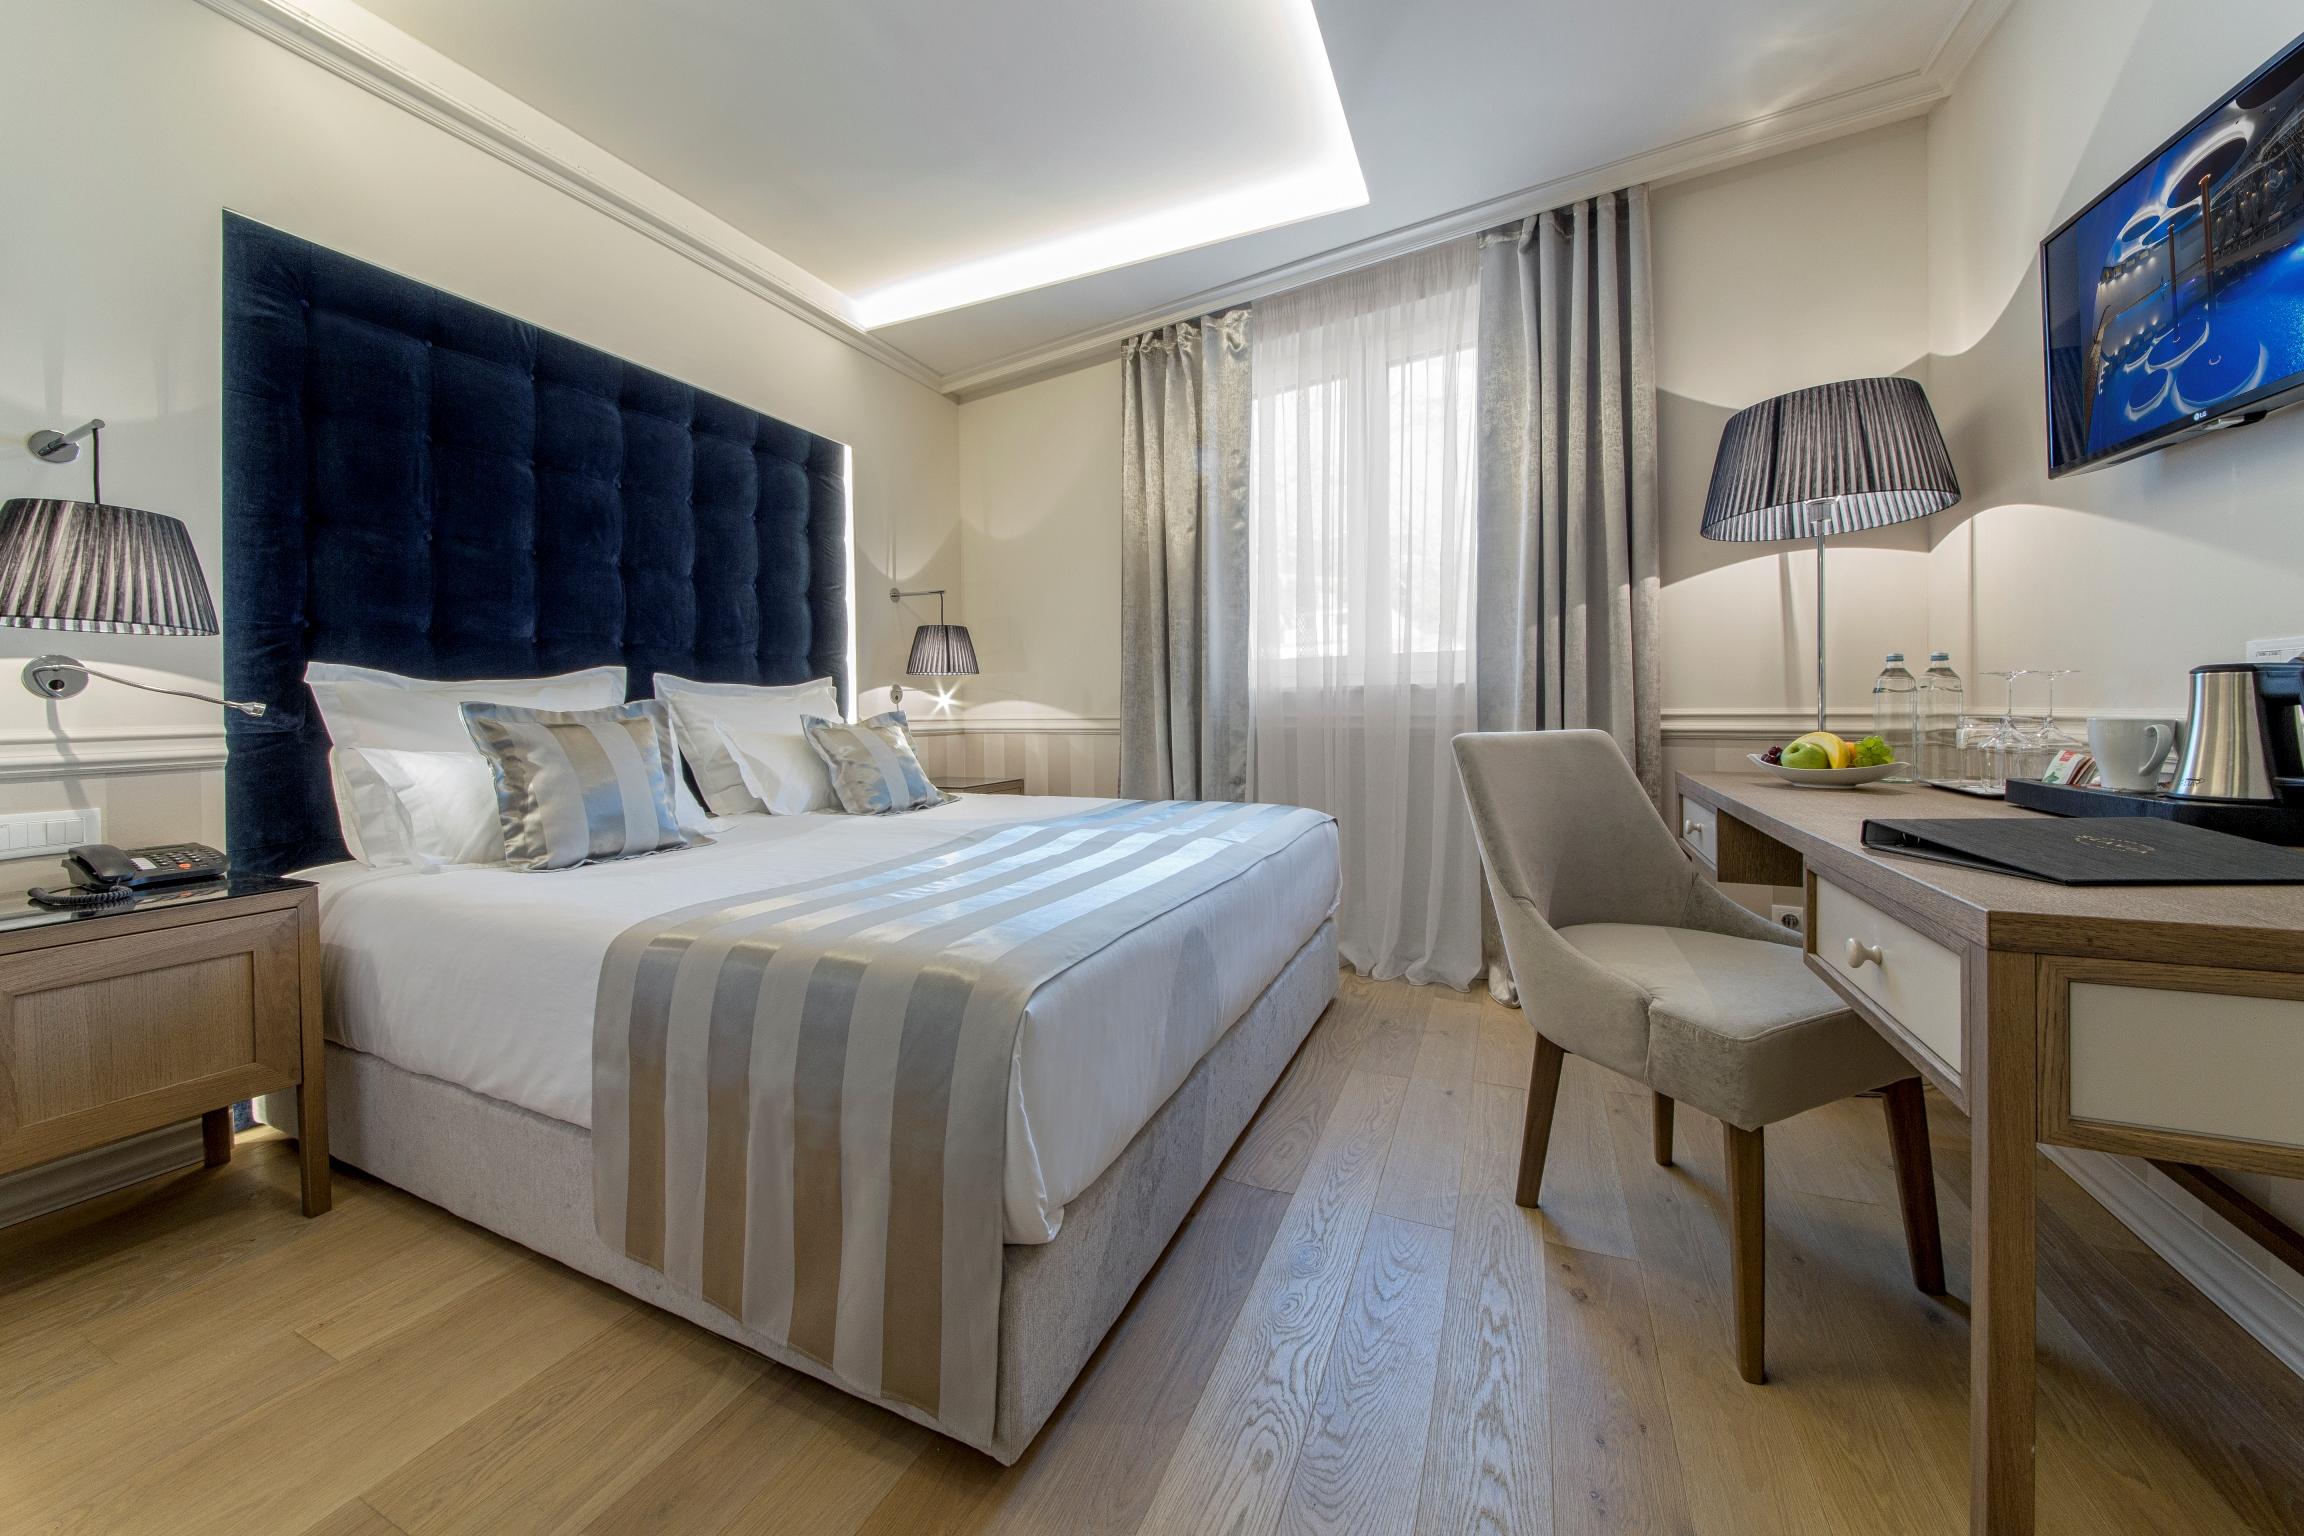 Grand hotel Slavia 5